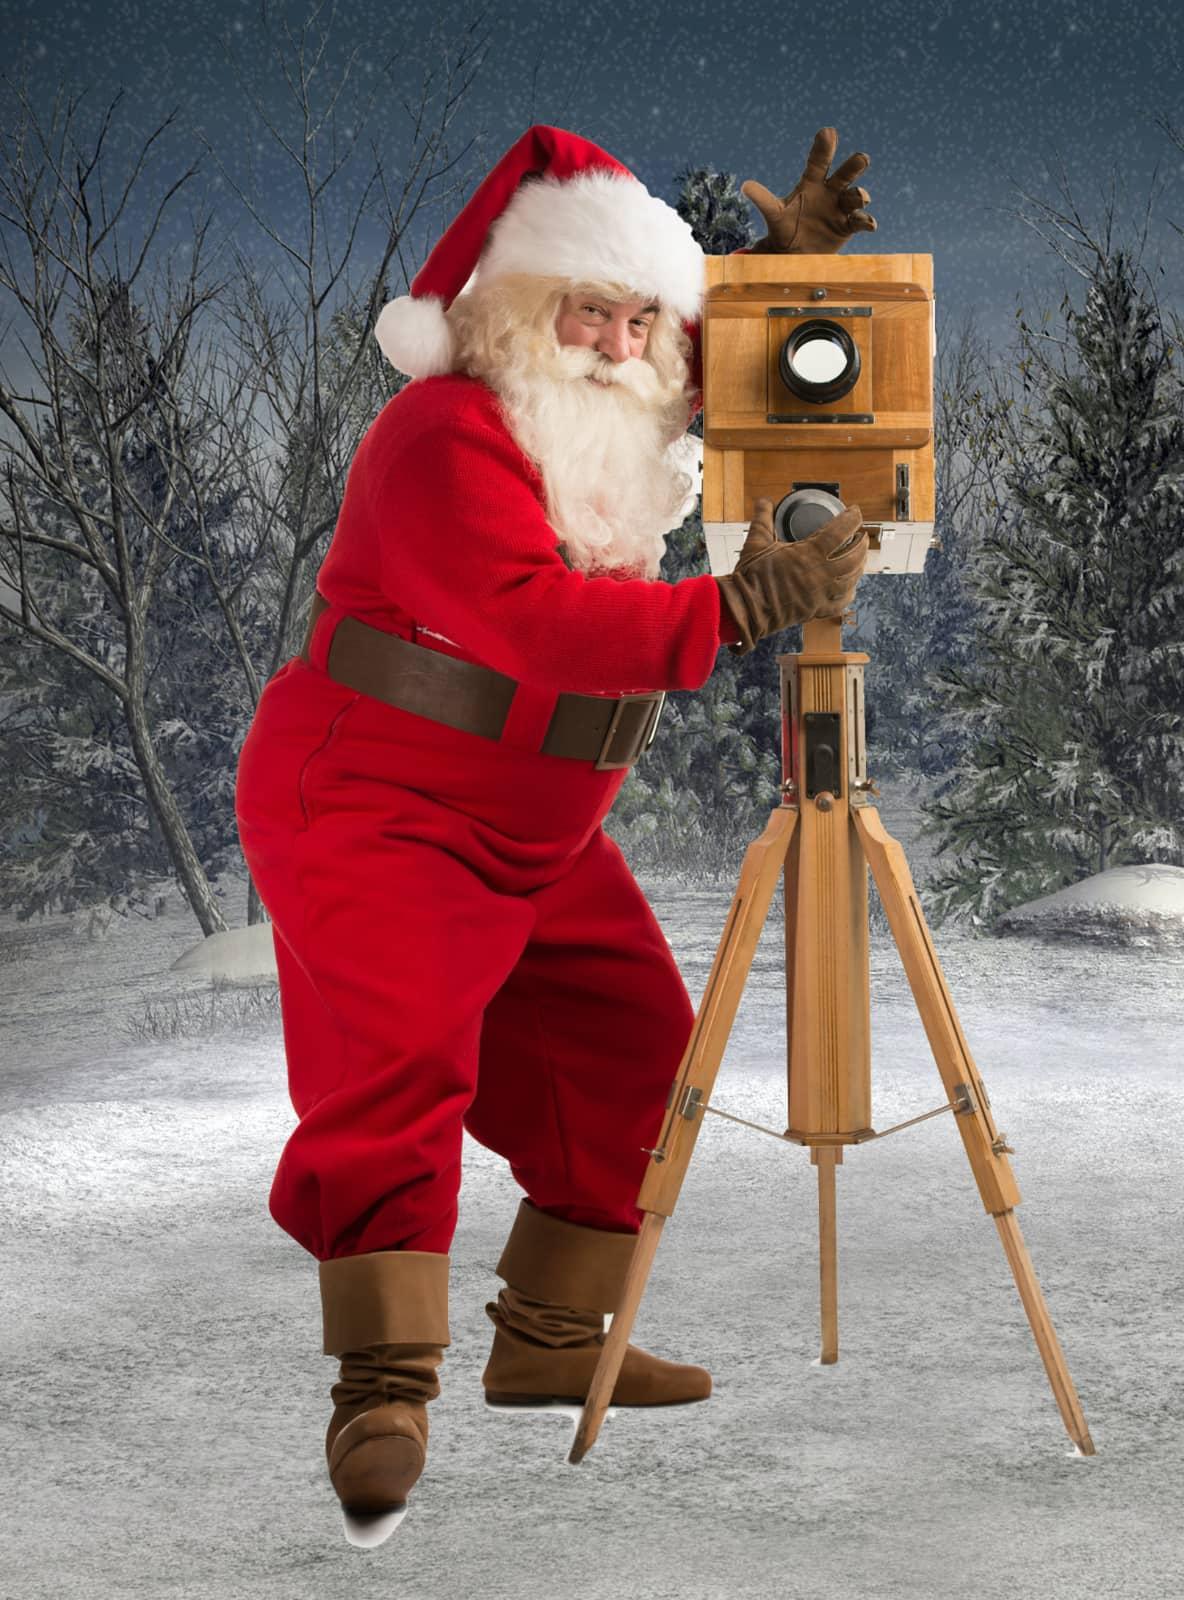 grappige kerstman met oude camera